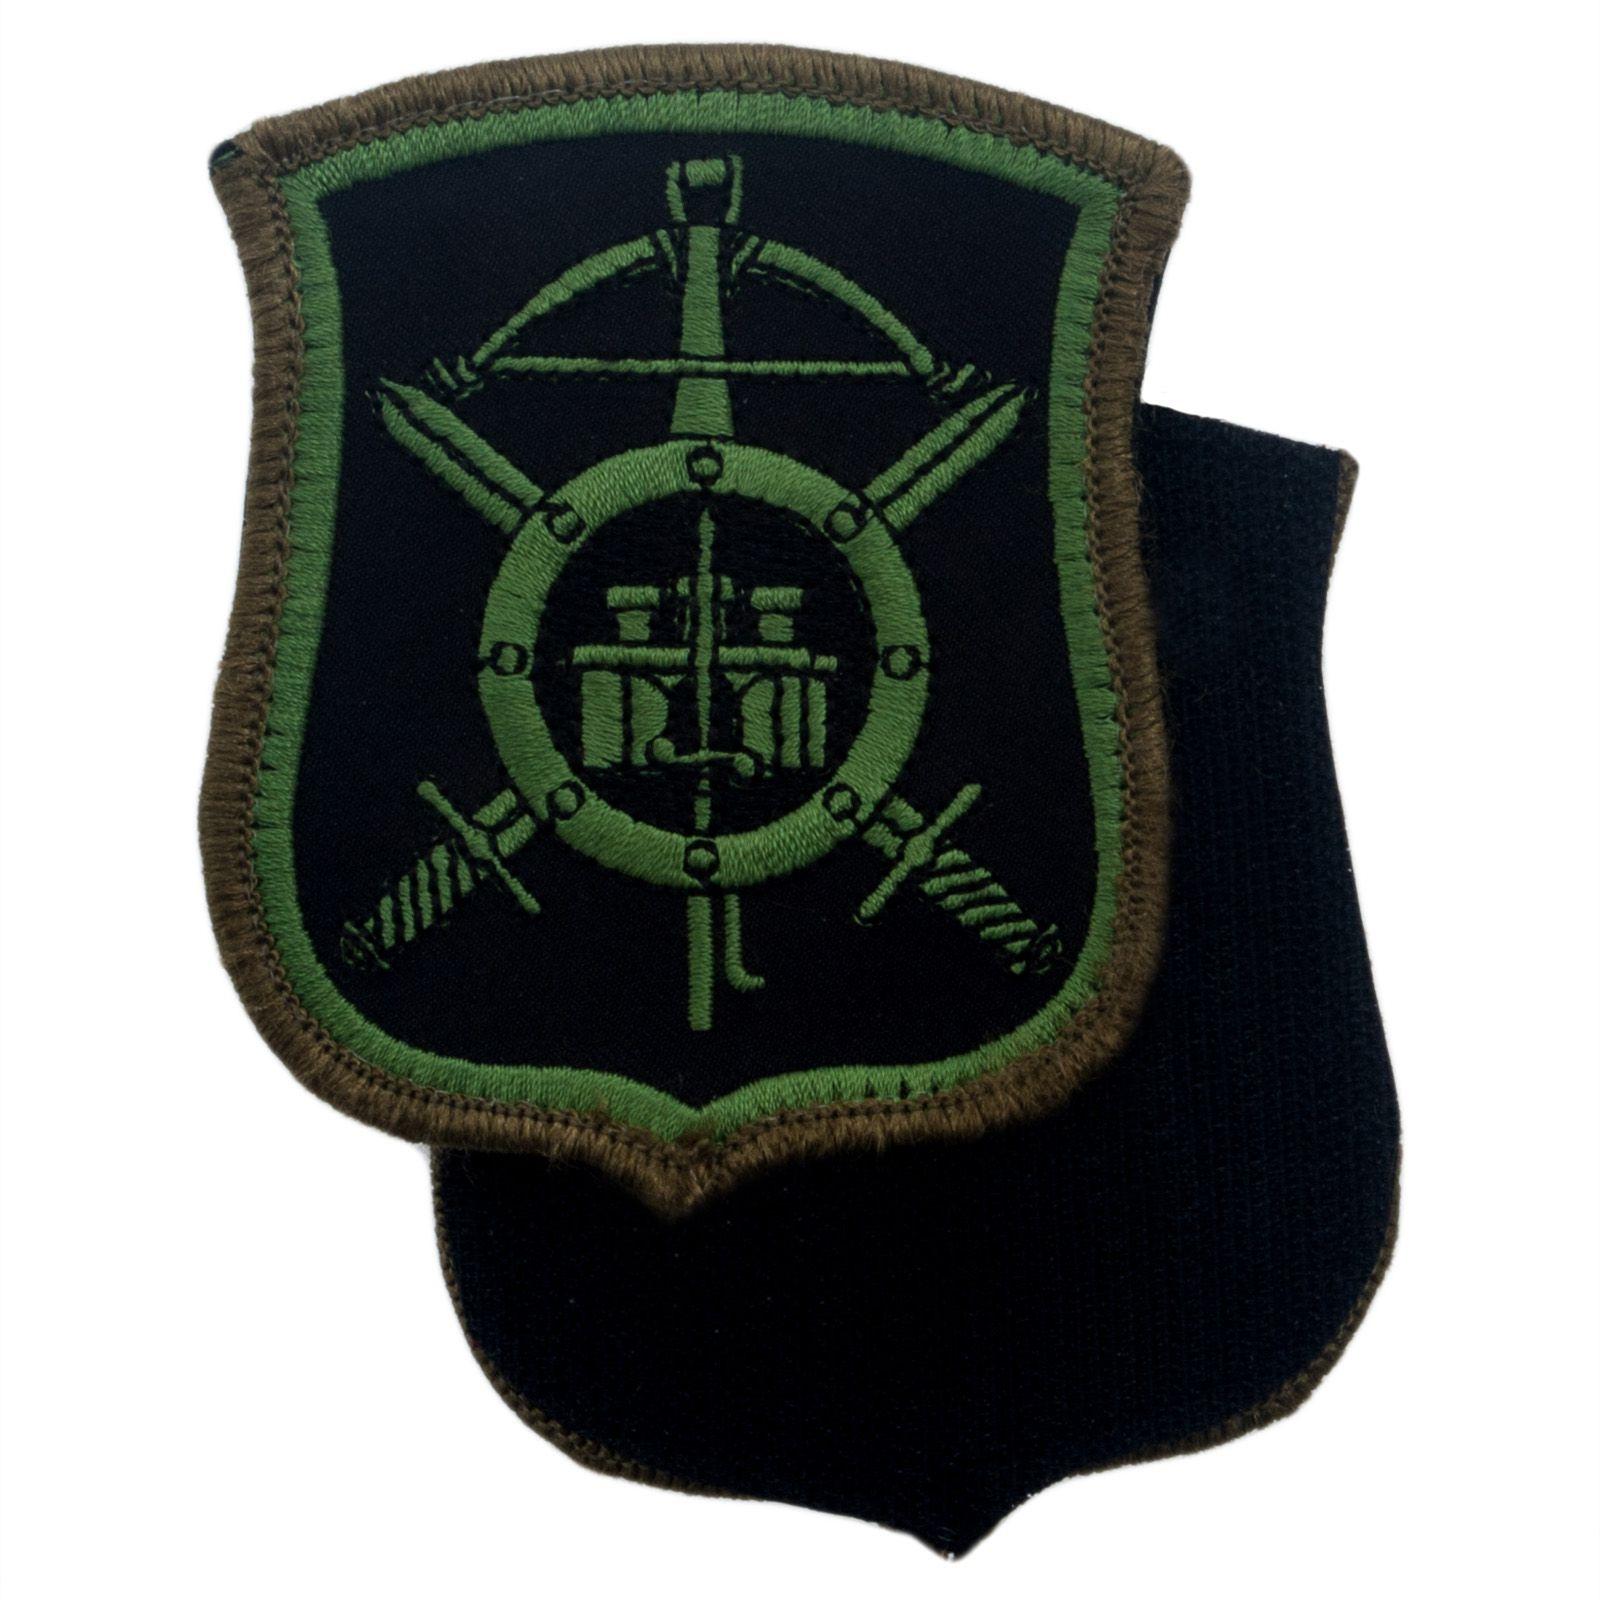 Полевой шеврон РВСН 14 ракетная дивизия